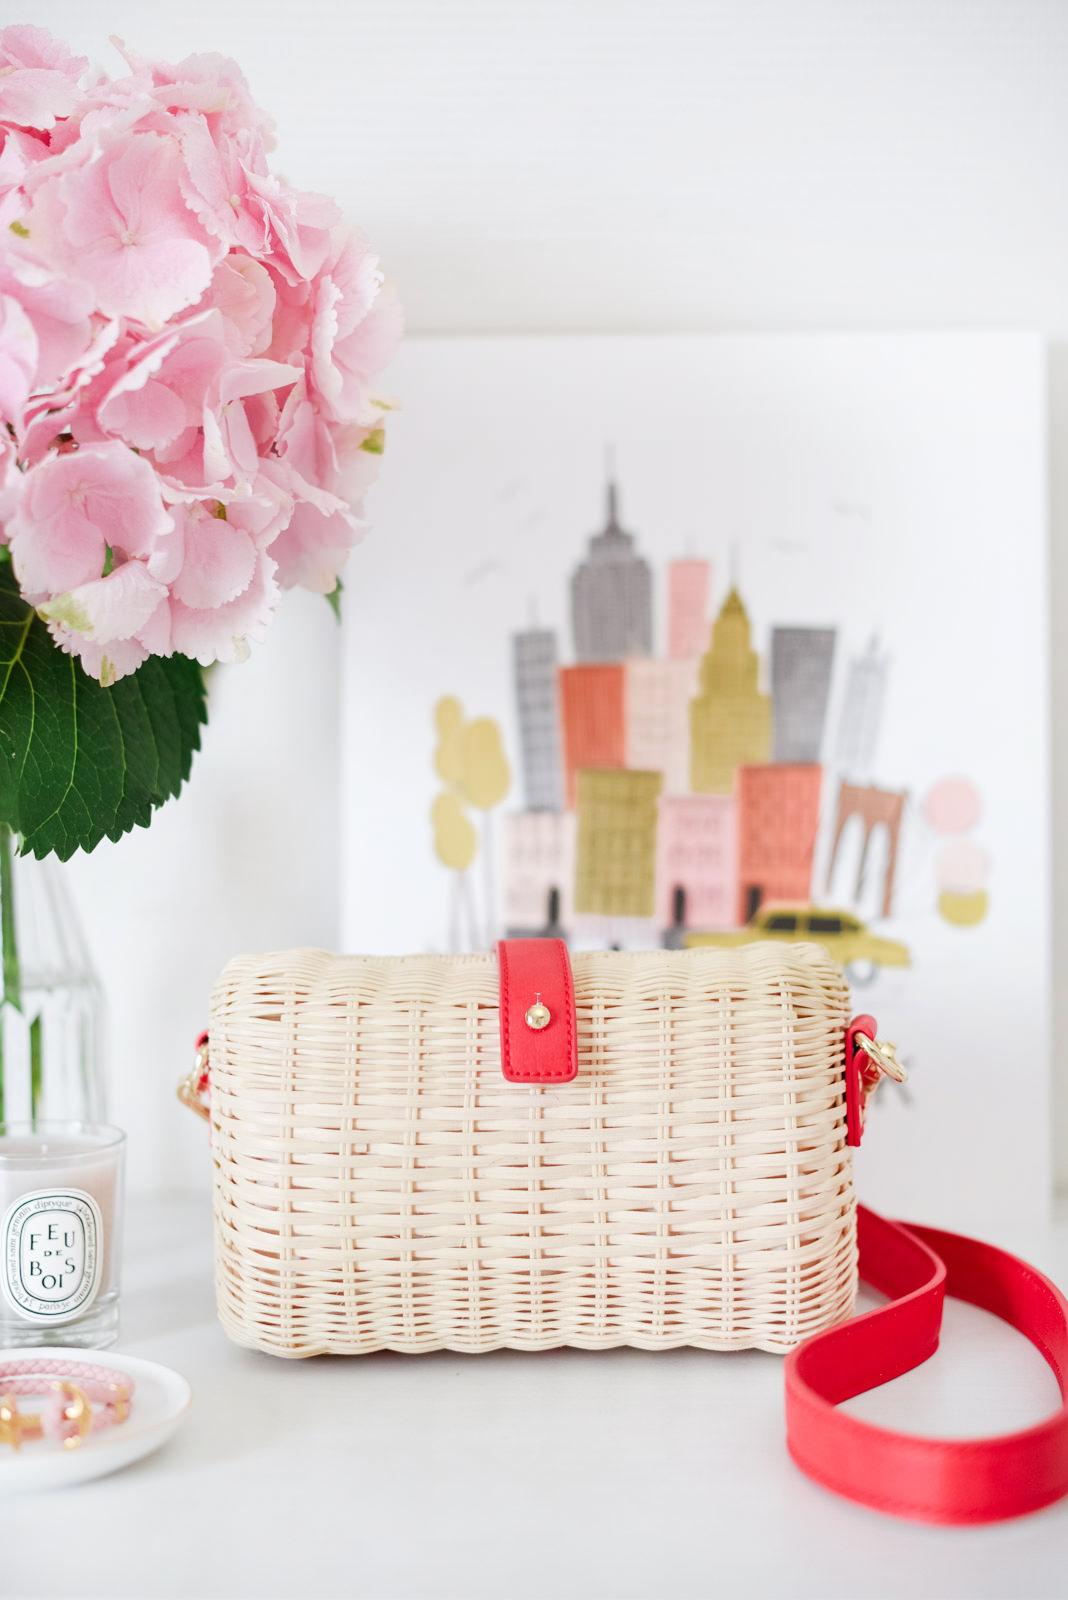 Blog-Mode-And-the-City-Lifestyle-Cadeaux-Anniversaire-28-ans-7